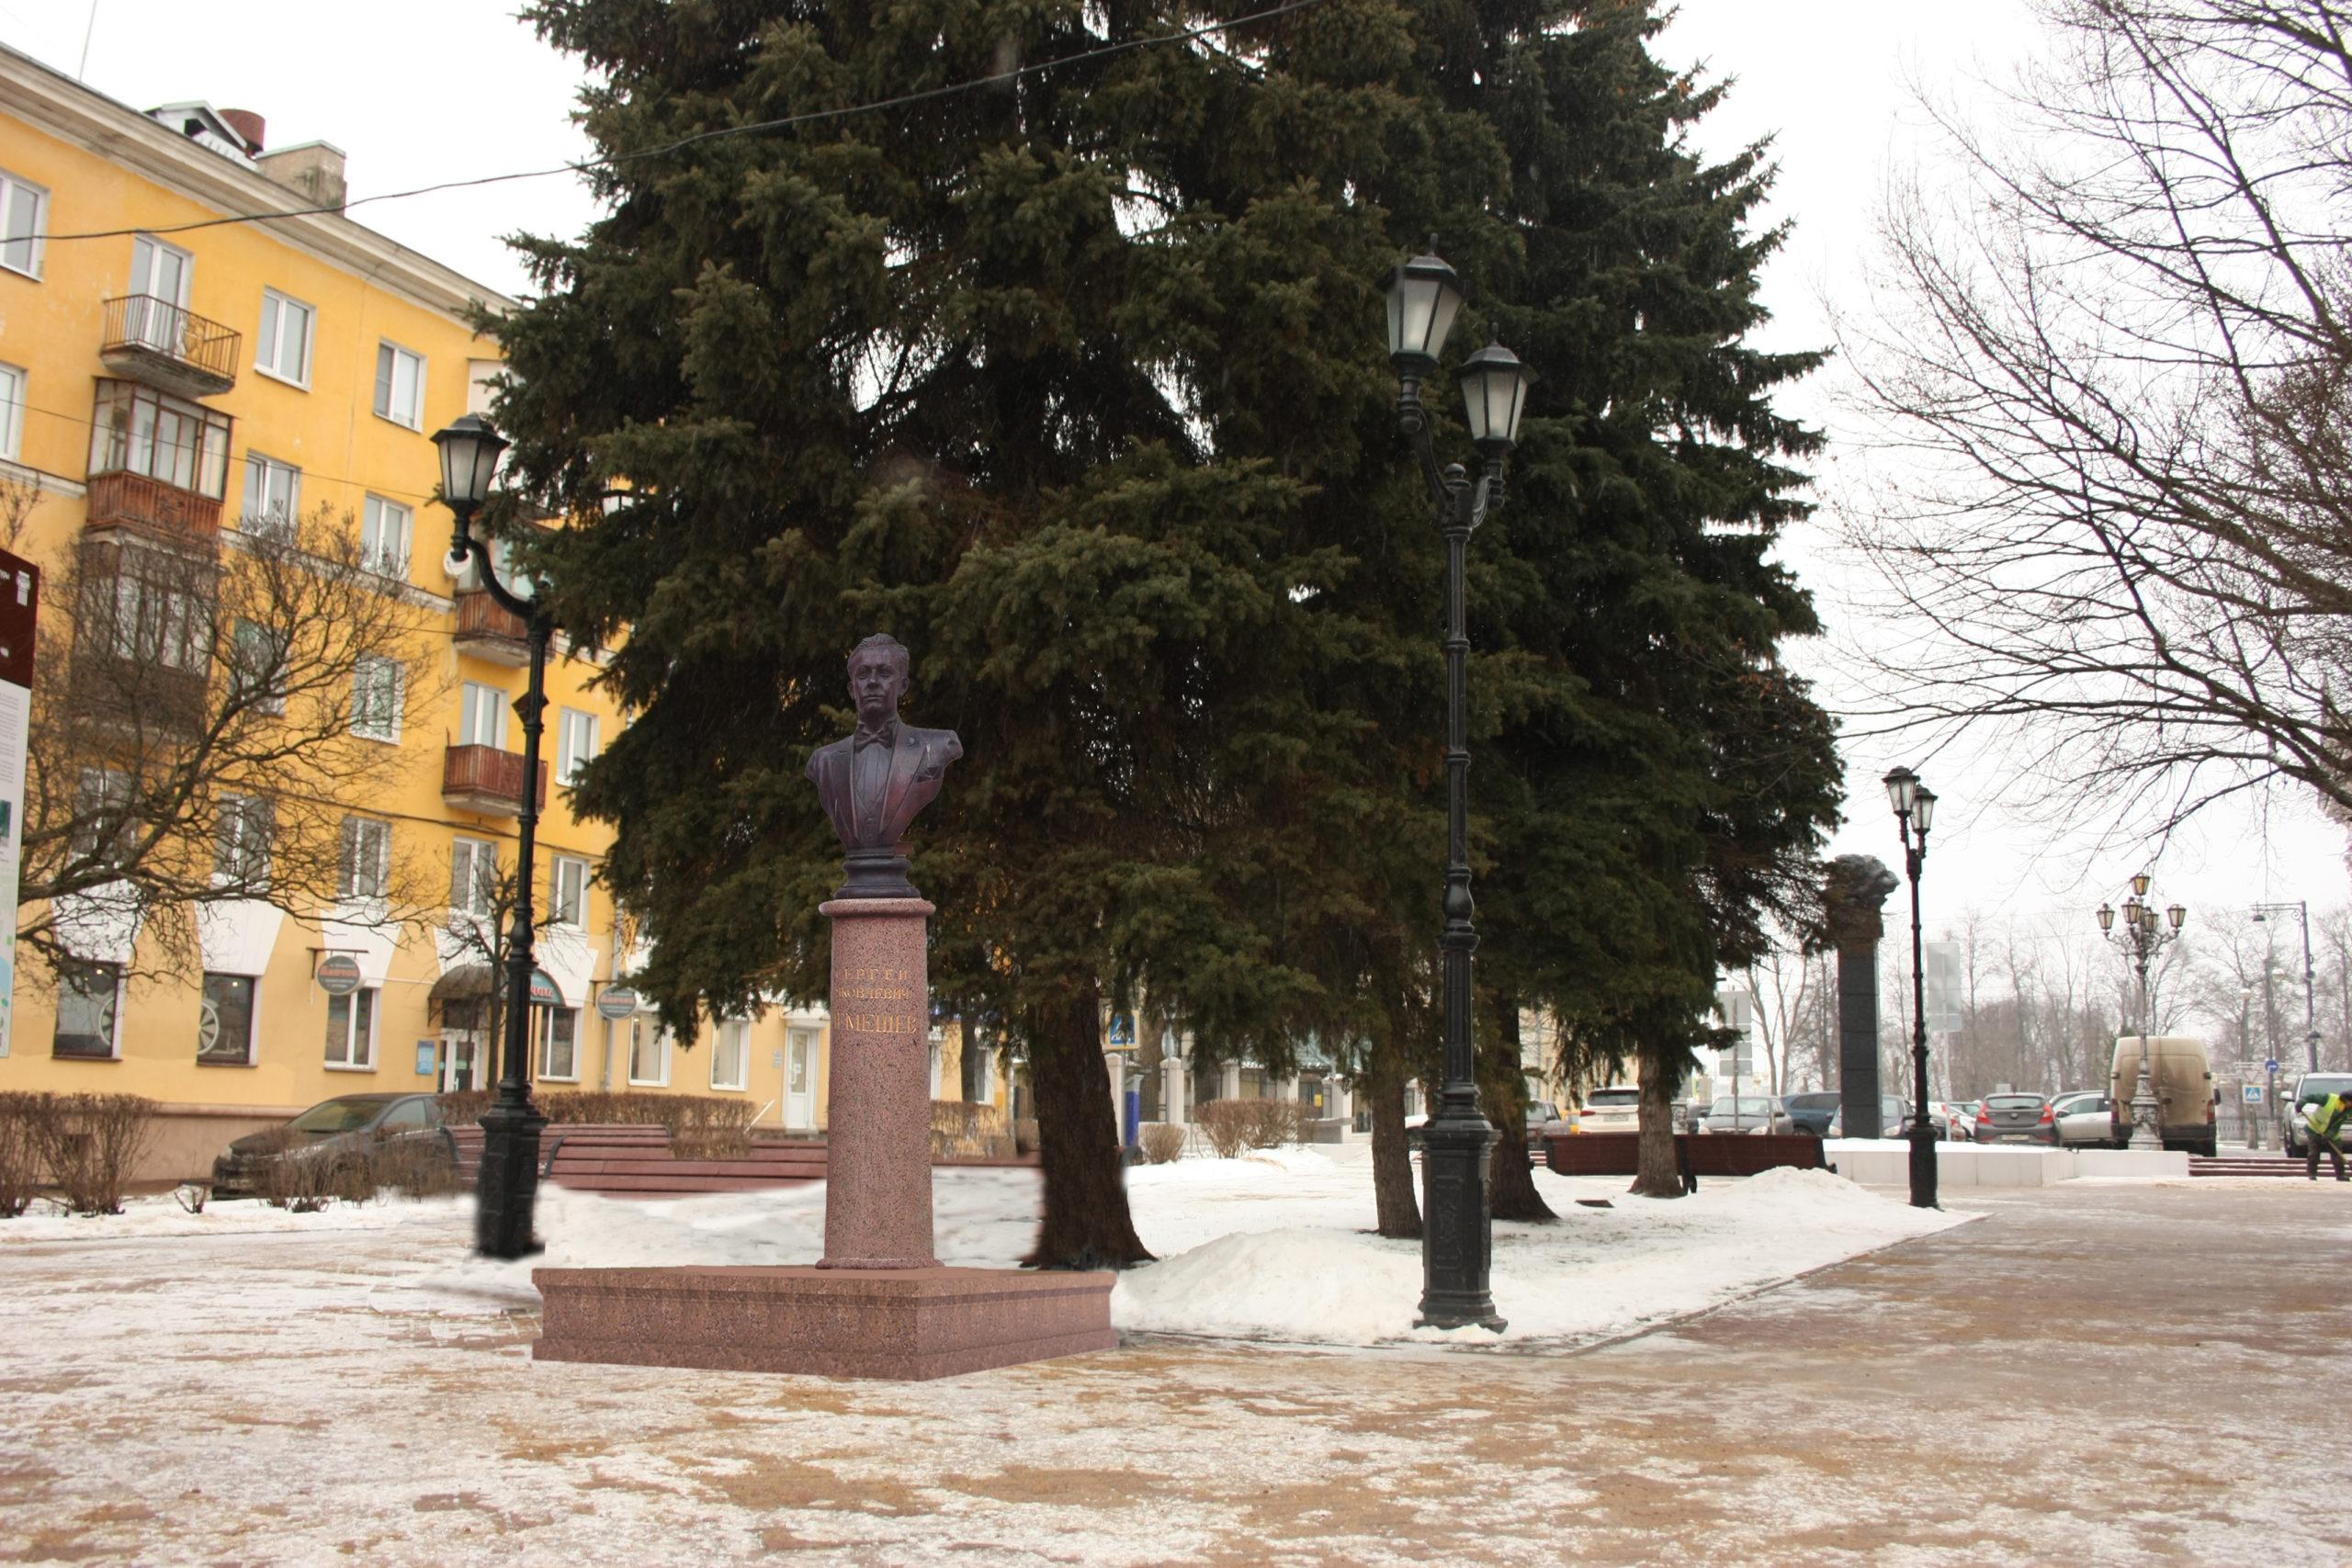 Жители Твери предложили перенести бюст Лемешеву на Театральную площадь